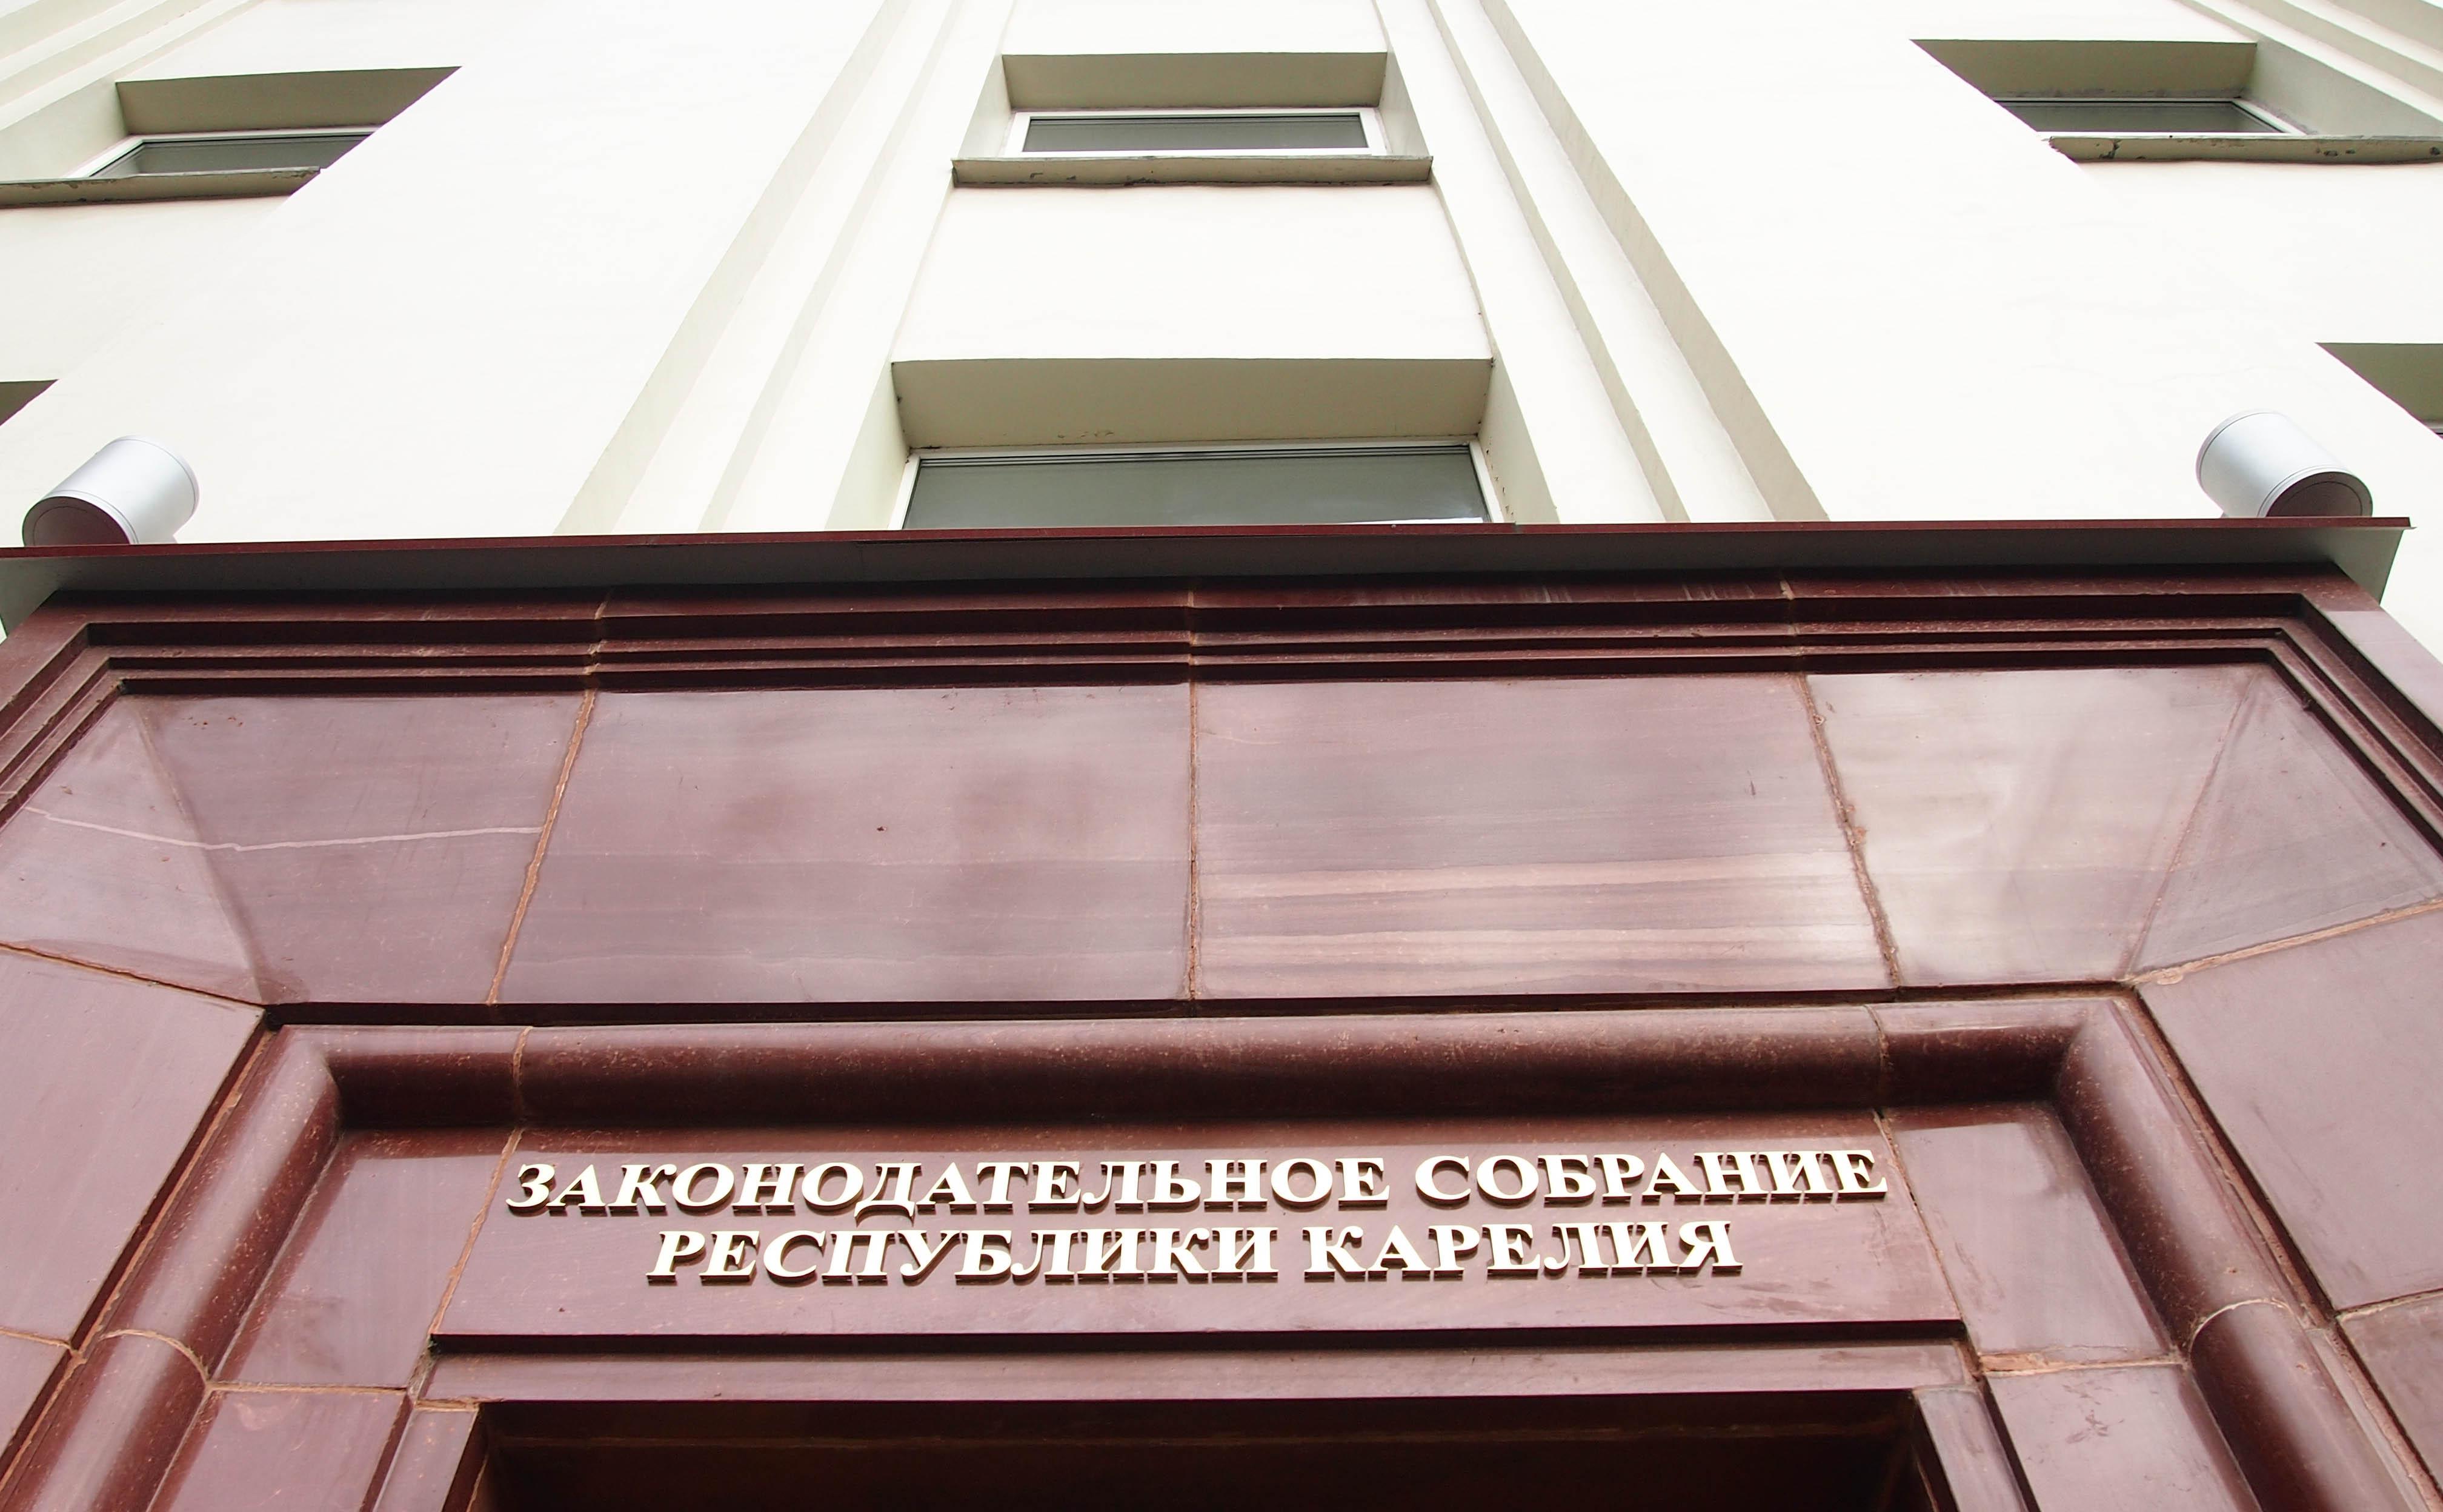 Прожиточный минимум пенсионера в 2019 году в России, последние новости в Москве рекомендации